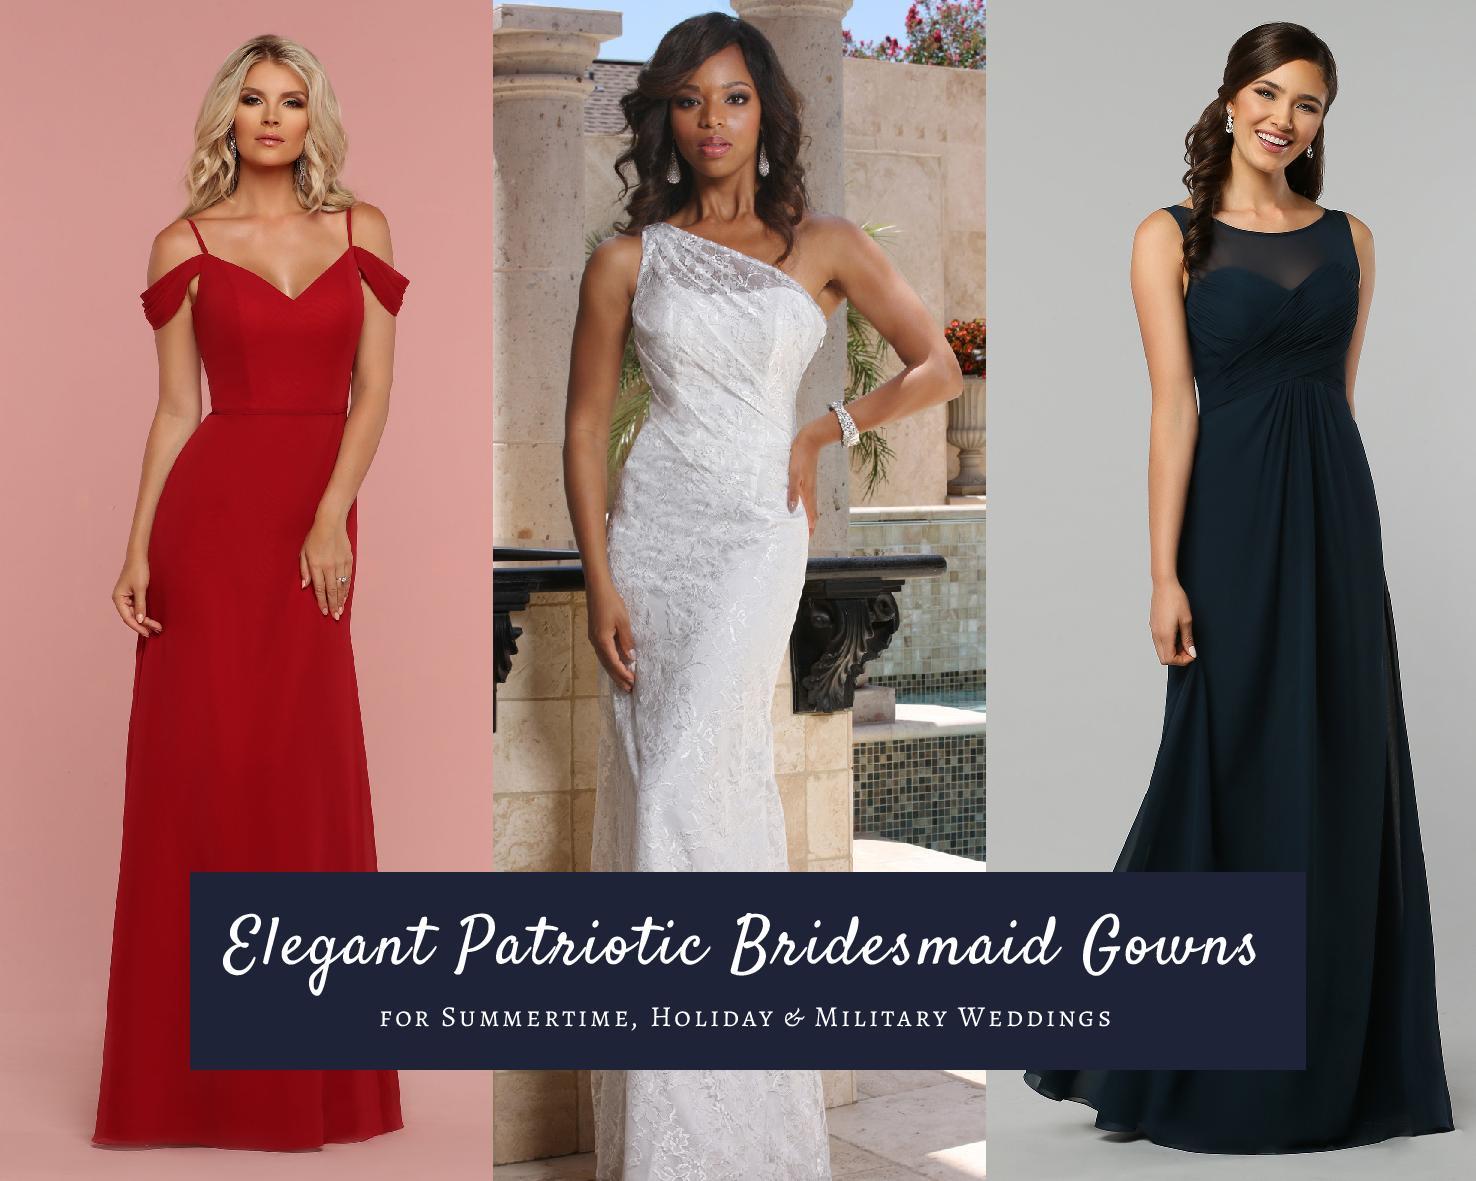 Elegant Patriotic Bridesmaid Gowns